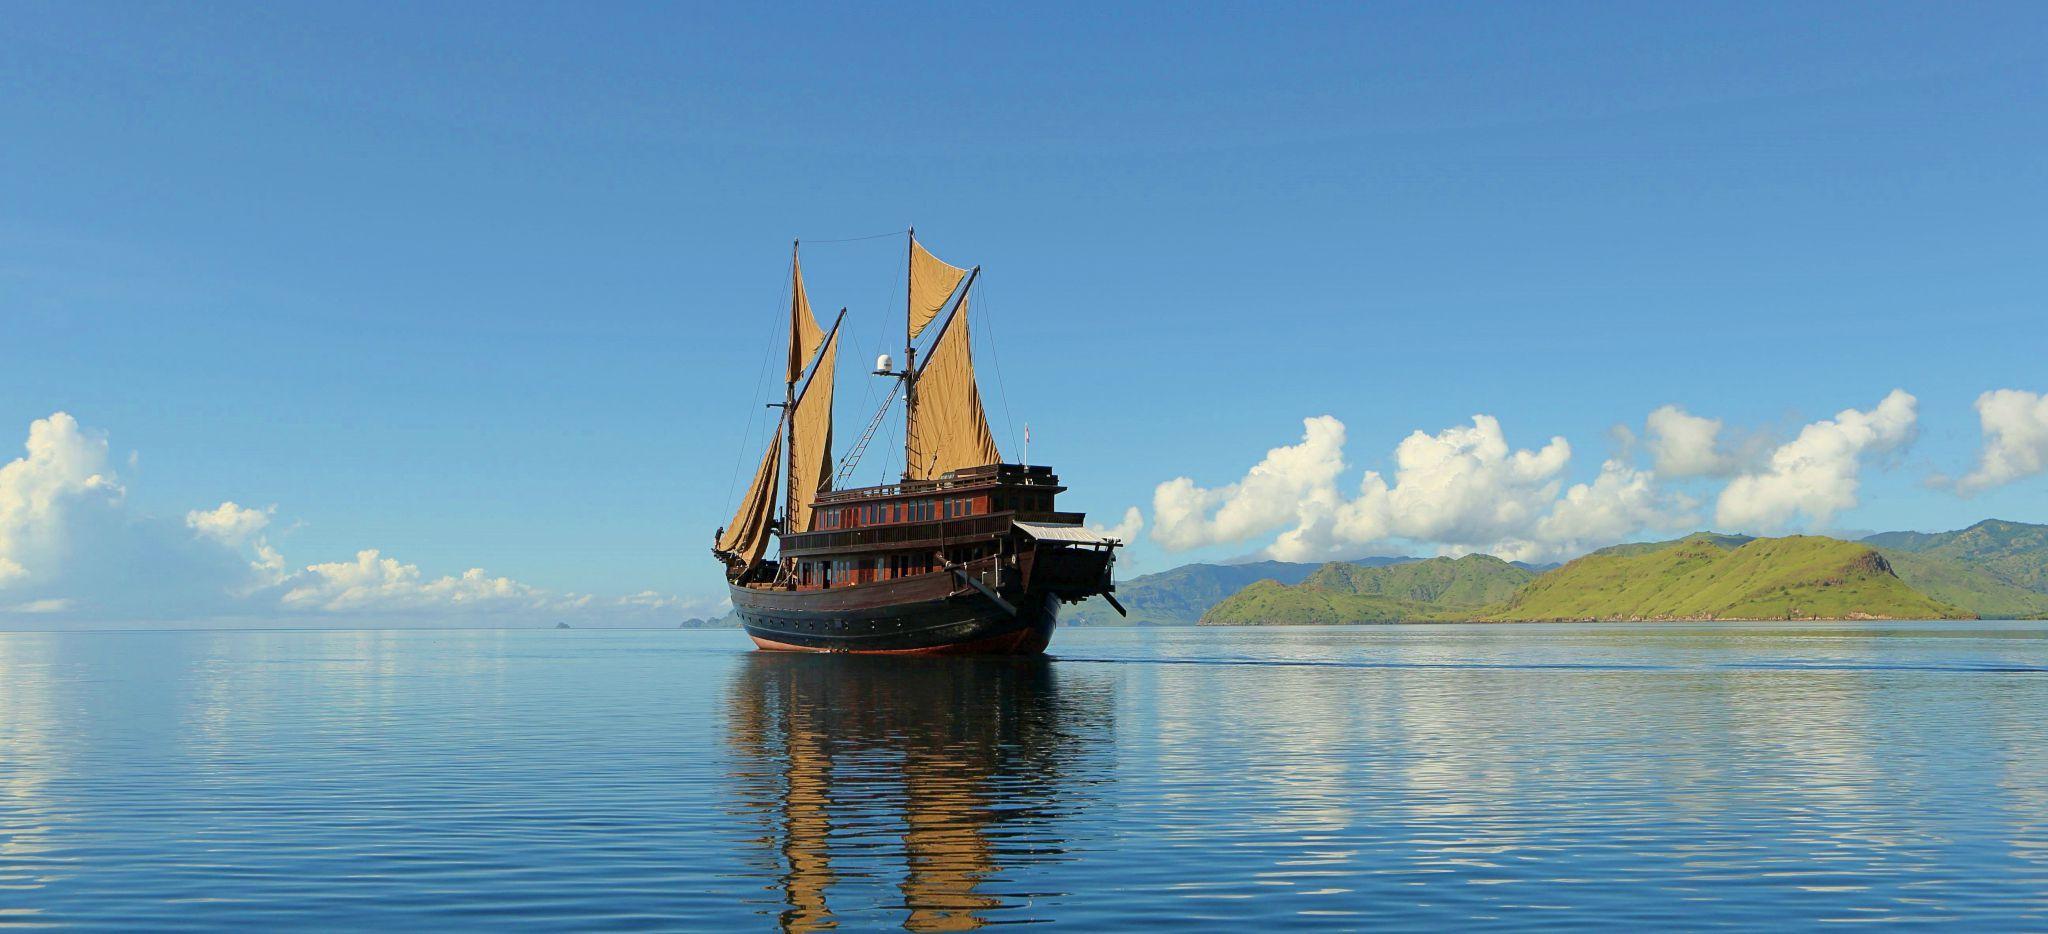 """Die Yacht """"Alila Purnama"""" auf dem Meer, mit Inseln im Hintergrund"""